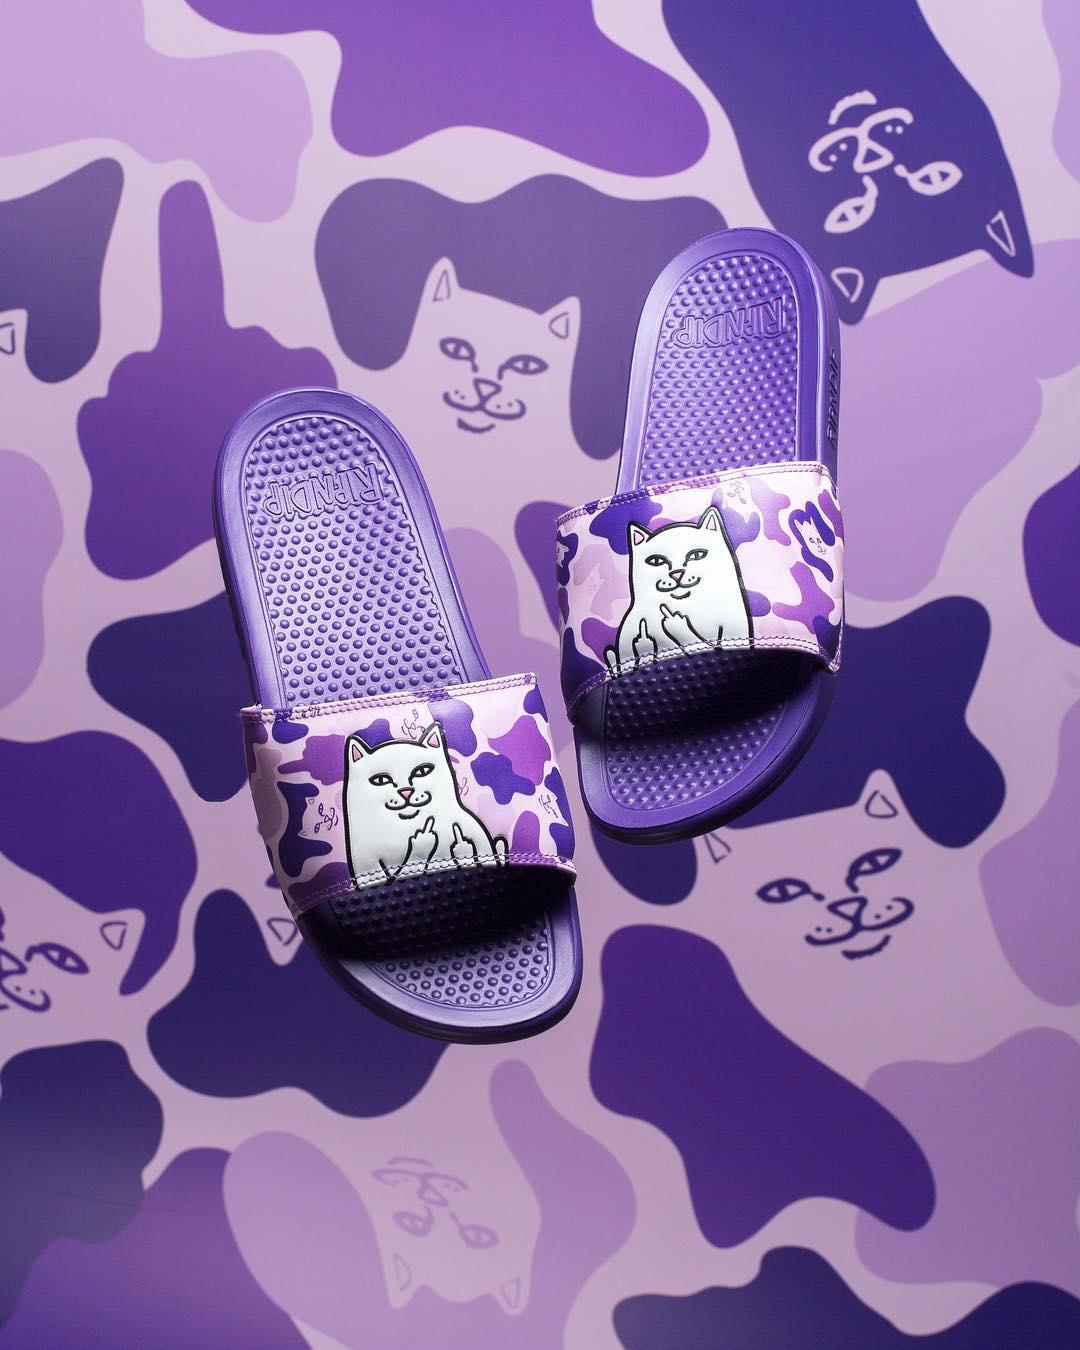 【 сейчас в надичии 】RipNDip Nermal Purple Camo 贱 кот фиолетовый камуфляж шлепанцы